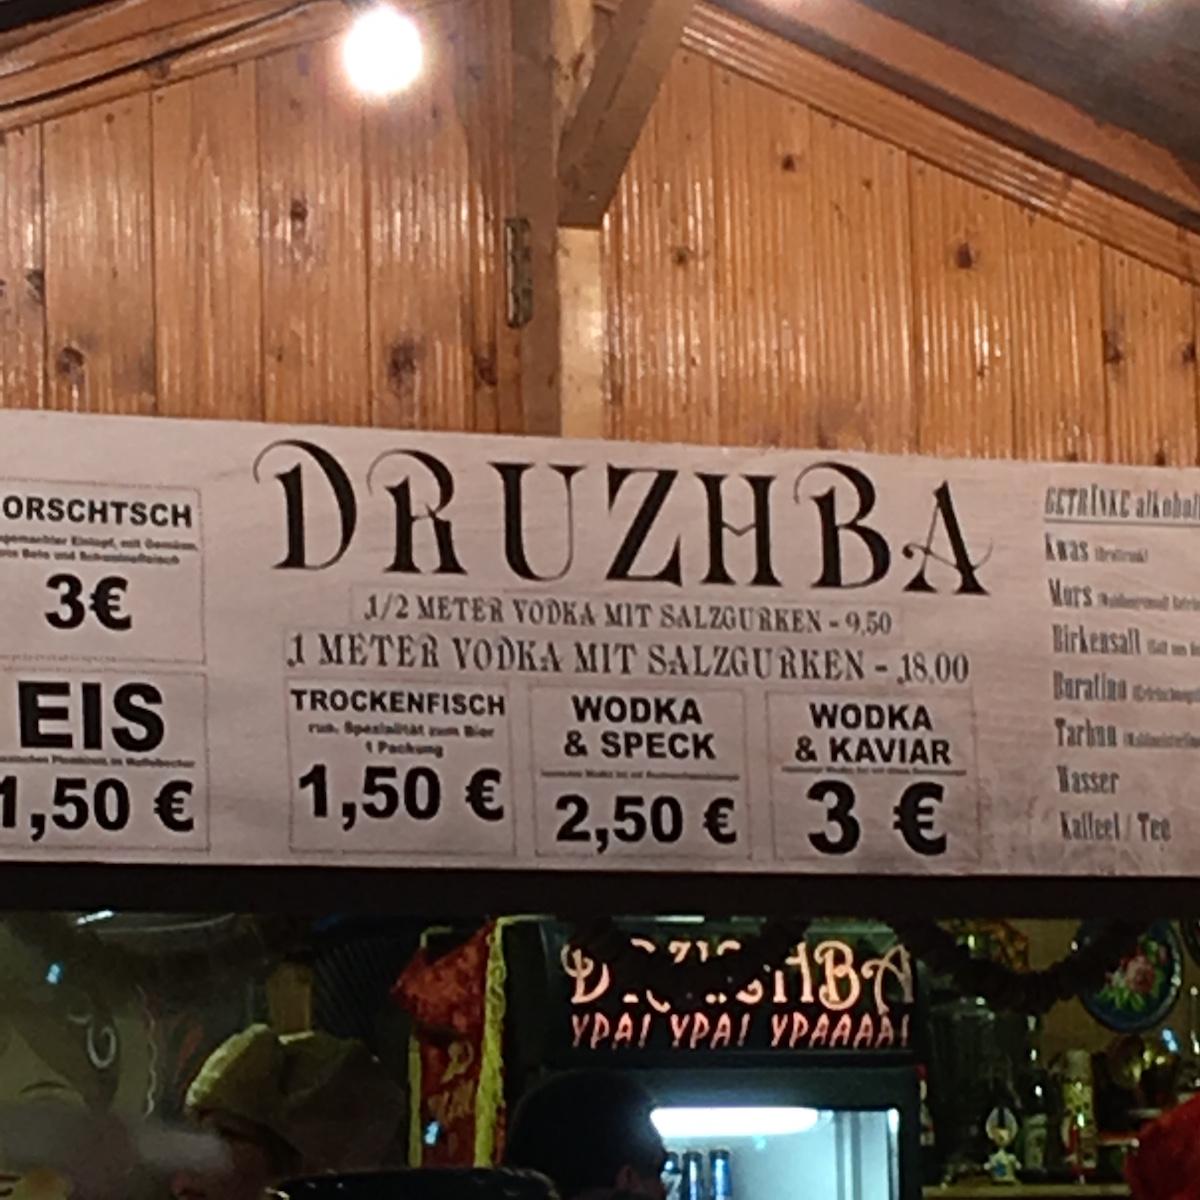 Stand: ½ Meter Wodka mit Salzgurken